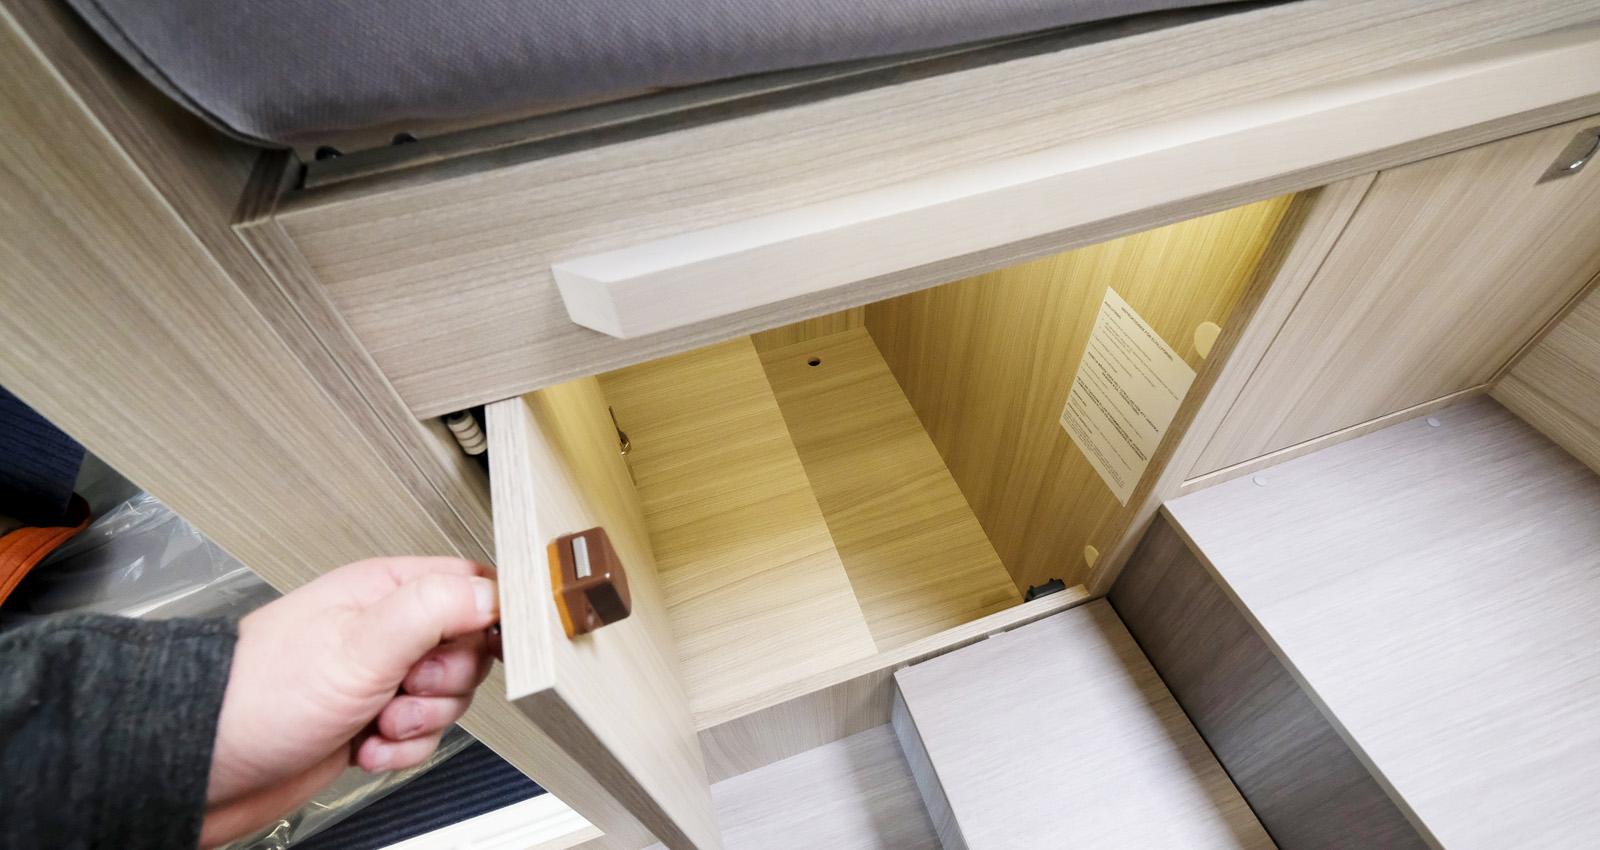 Luckorna till förvaringen under sängen har en finurlig konstruktion som gör att de inte är i vägen i öppet läge utan fälls in i skåpet.